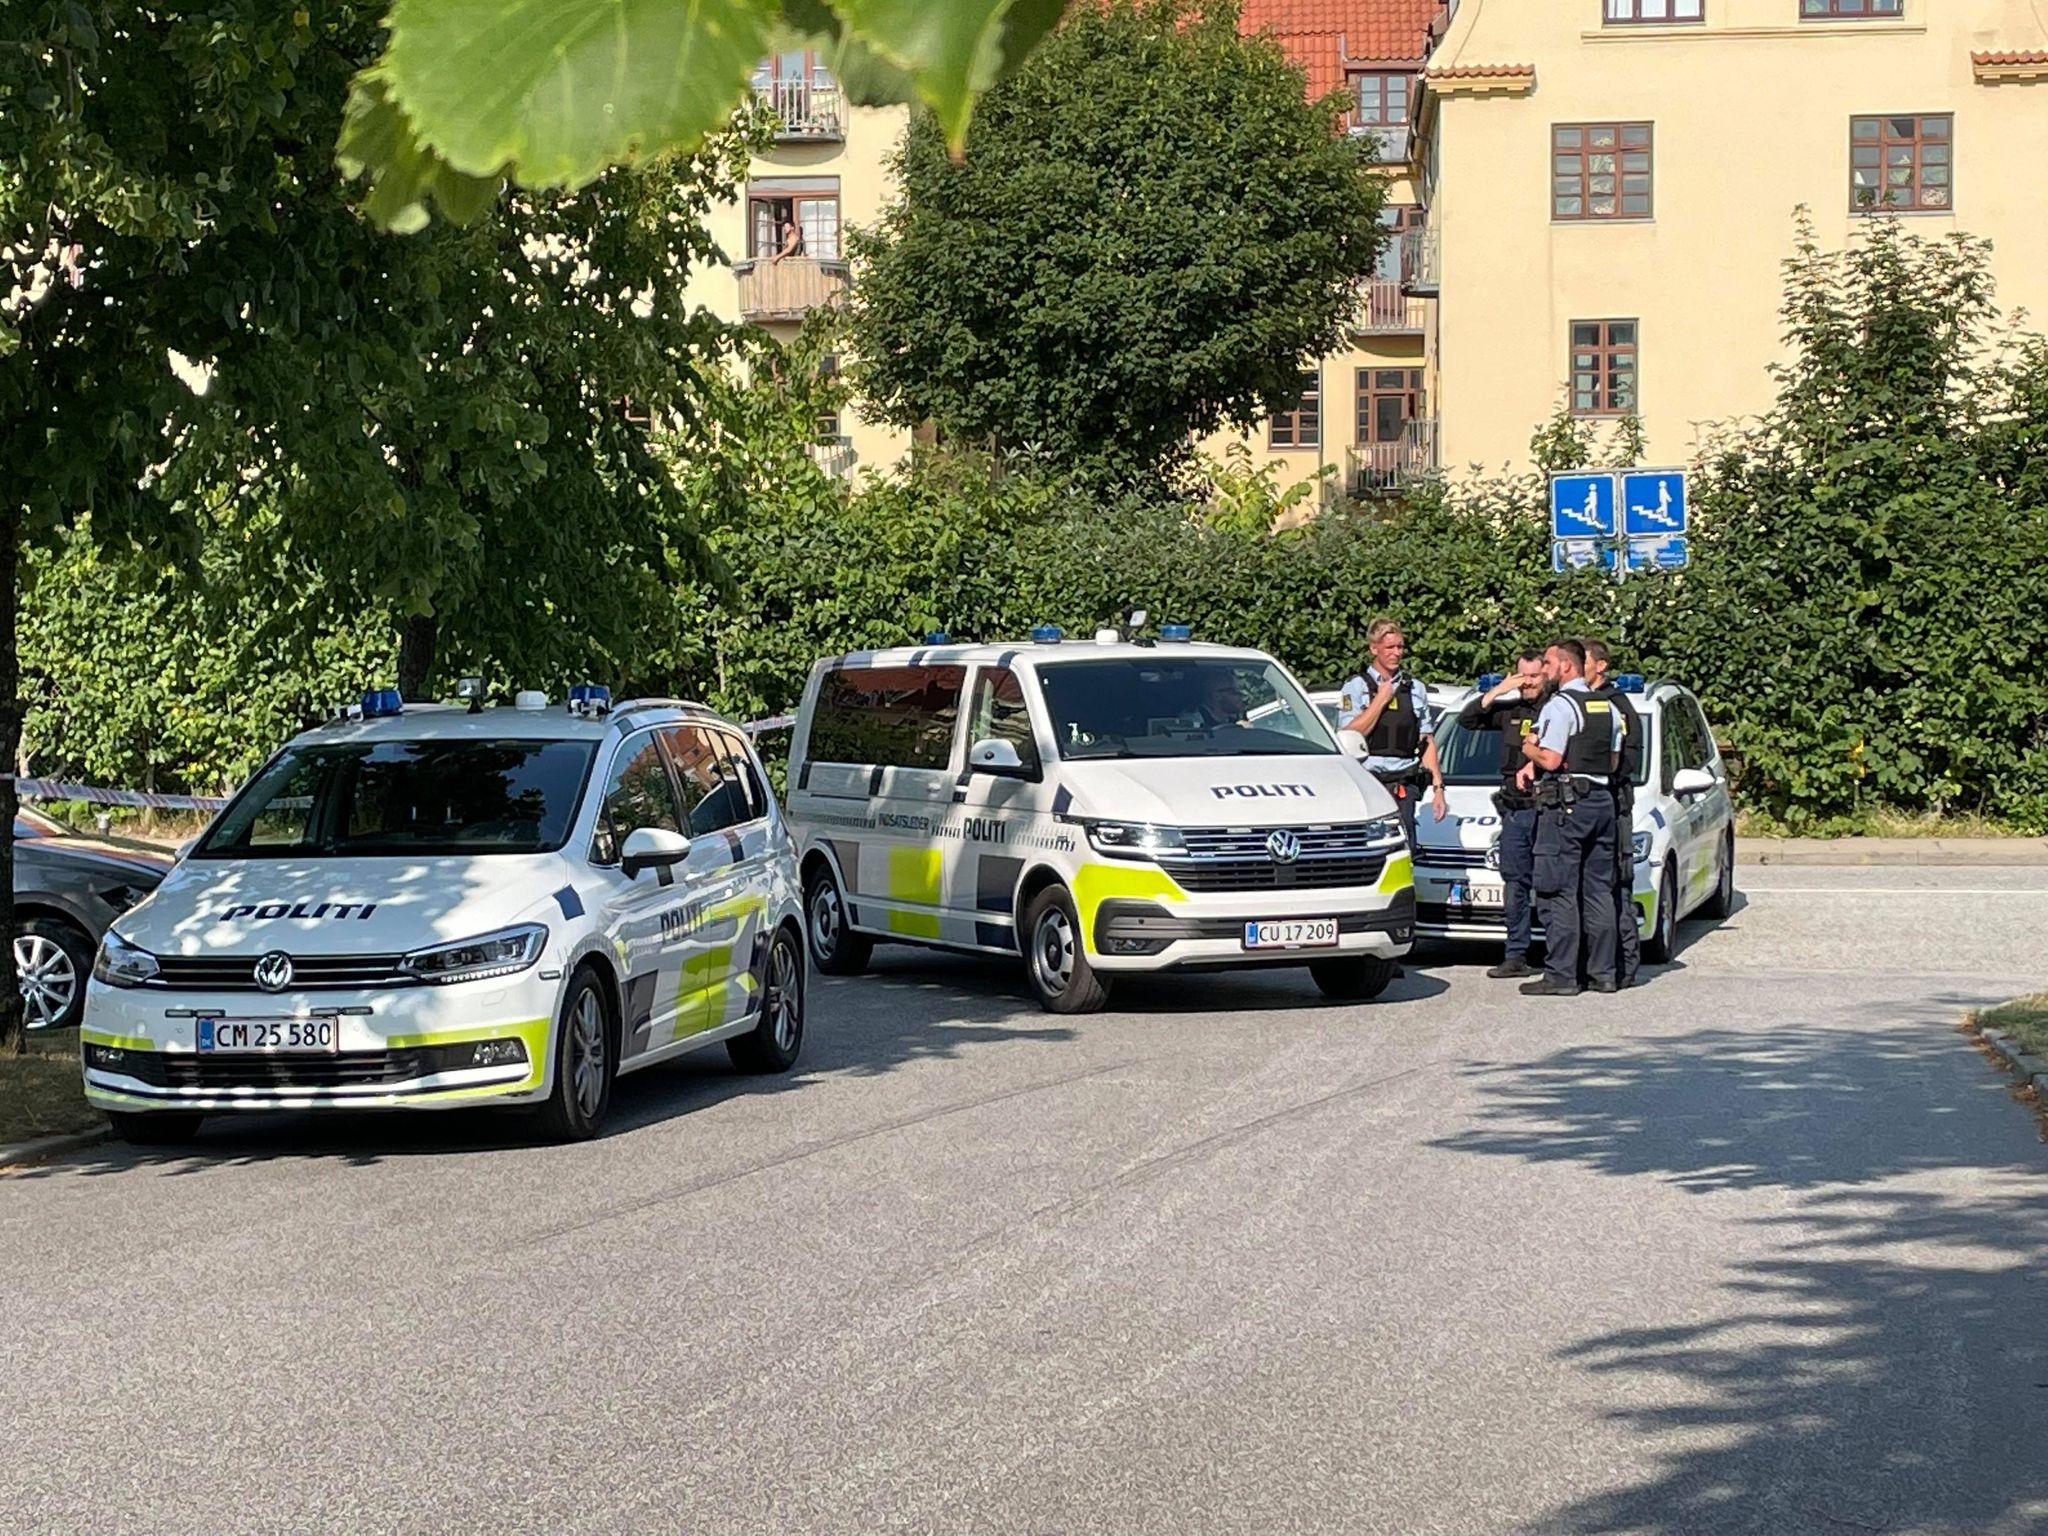 Stor politiaktion i Aalborg: Nordjyllands Politi søger vidner